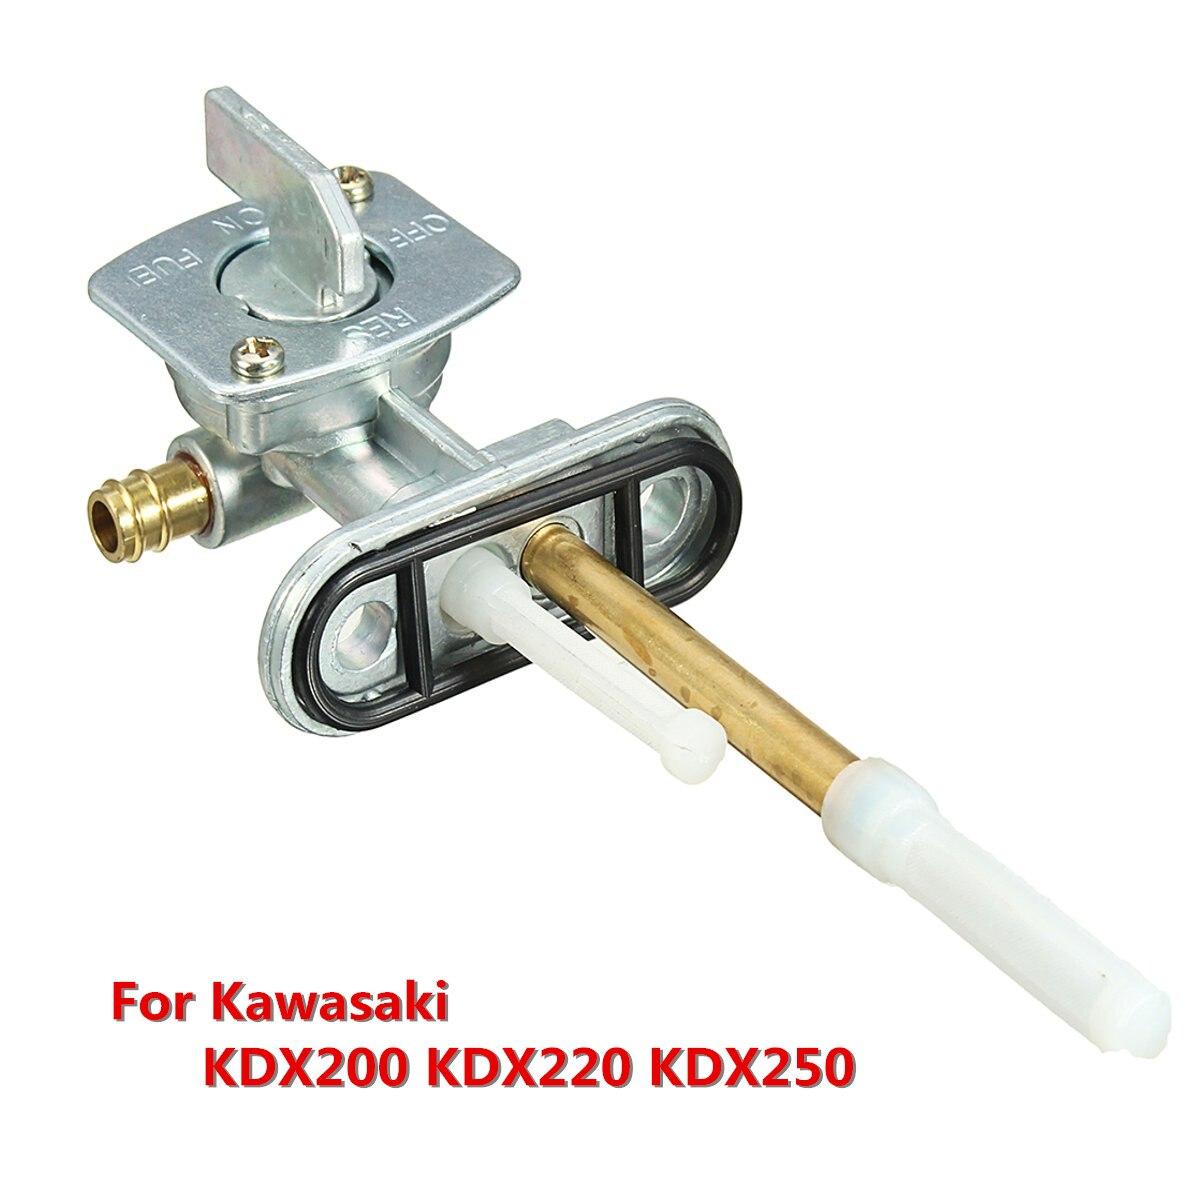 Kit de montaje de interruptor de llave de purga de válvula de combustible de Gas para Kawasaki KDX200 KDX220 KDX250